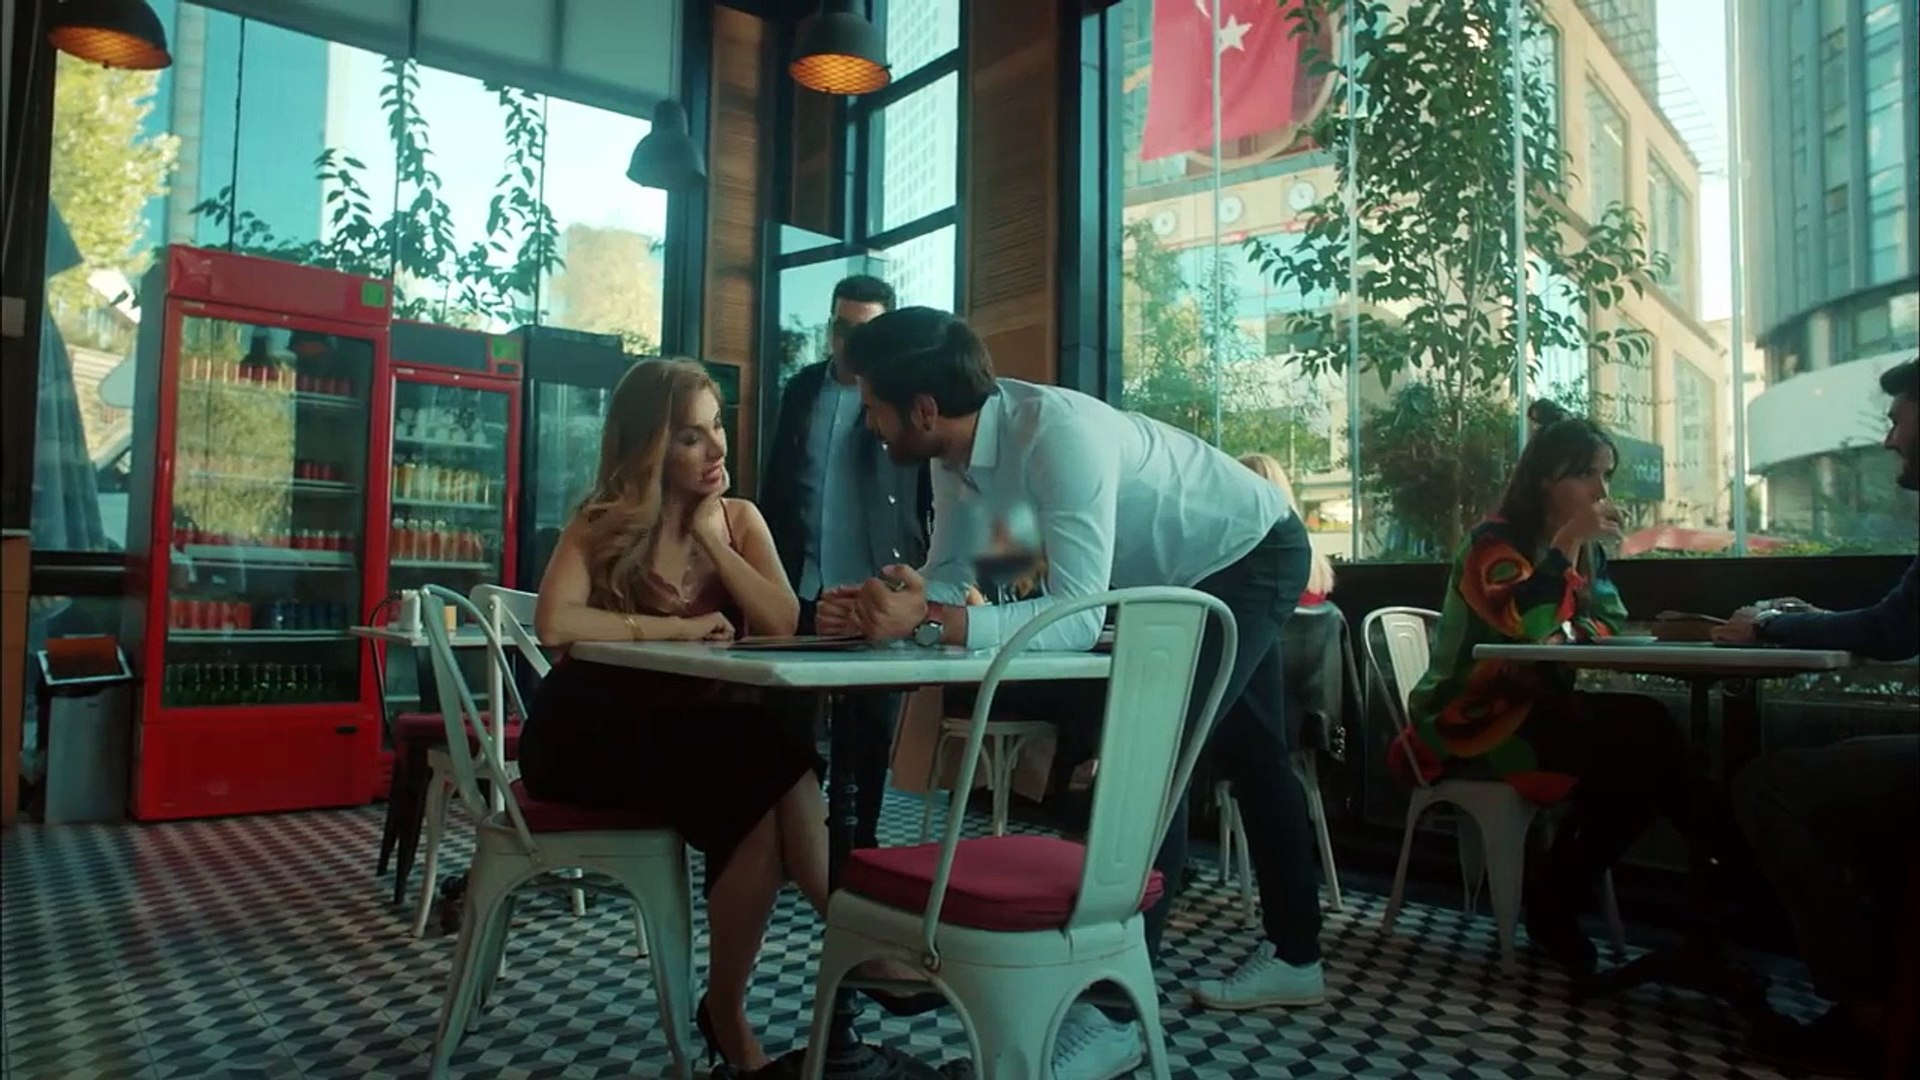 Istanbulsa navesta 61 epizoda Part 2/3